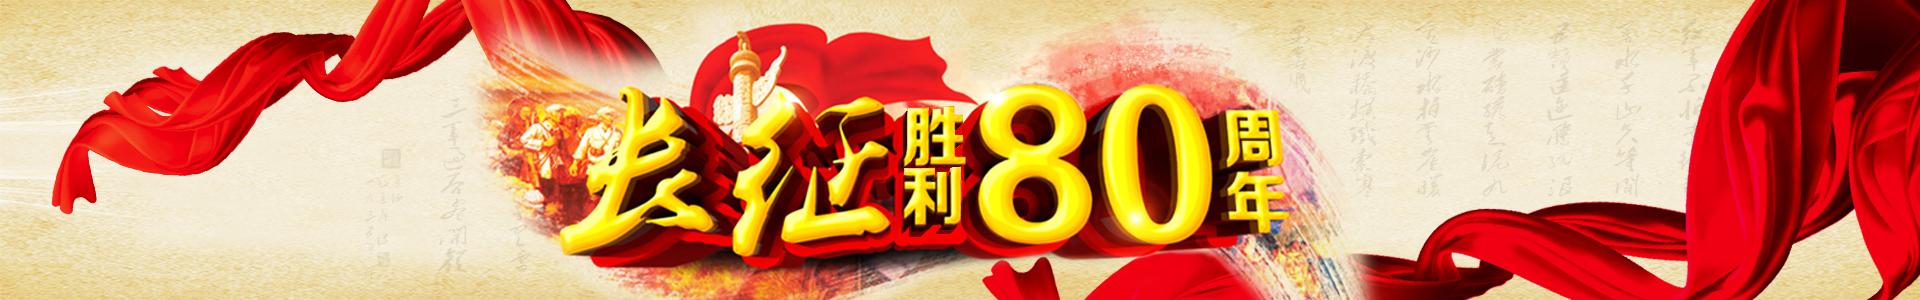 长征胜利80周年